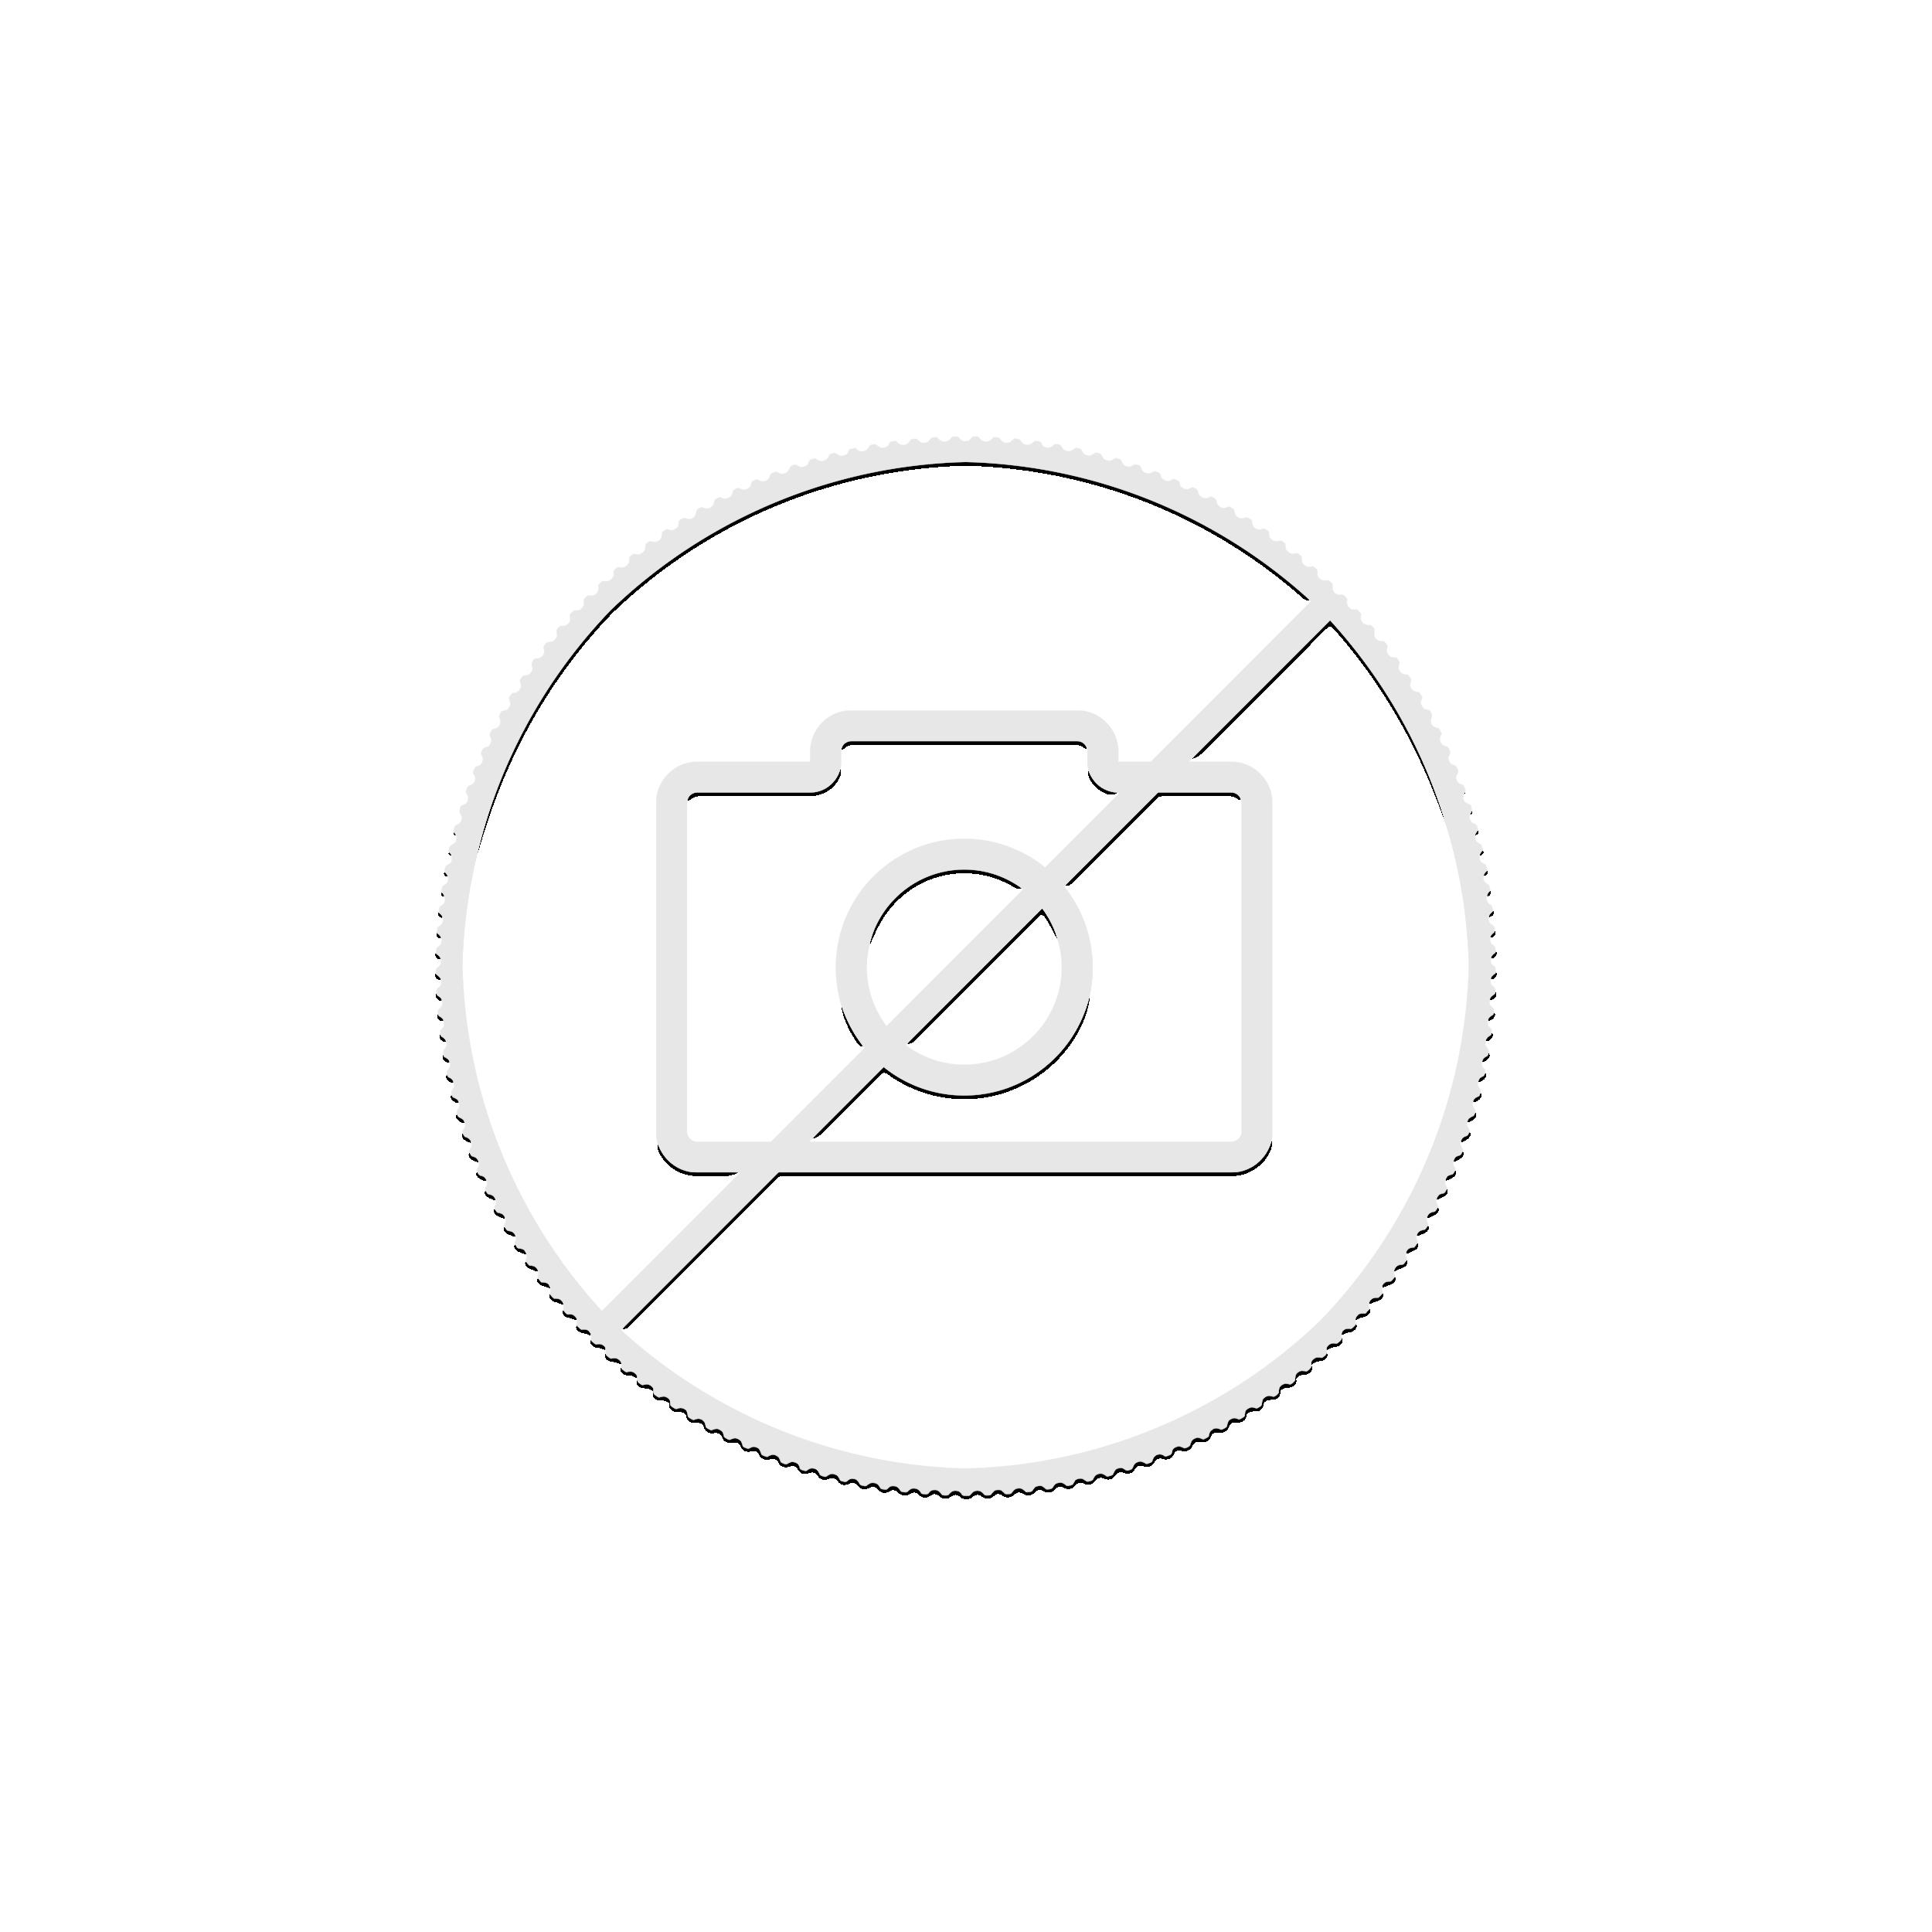 Gekleurde Kangoeroe 1 troy ounce zilveren munt 2020